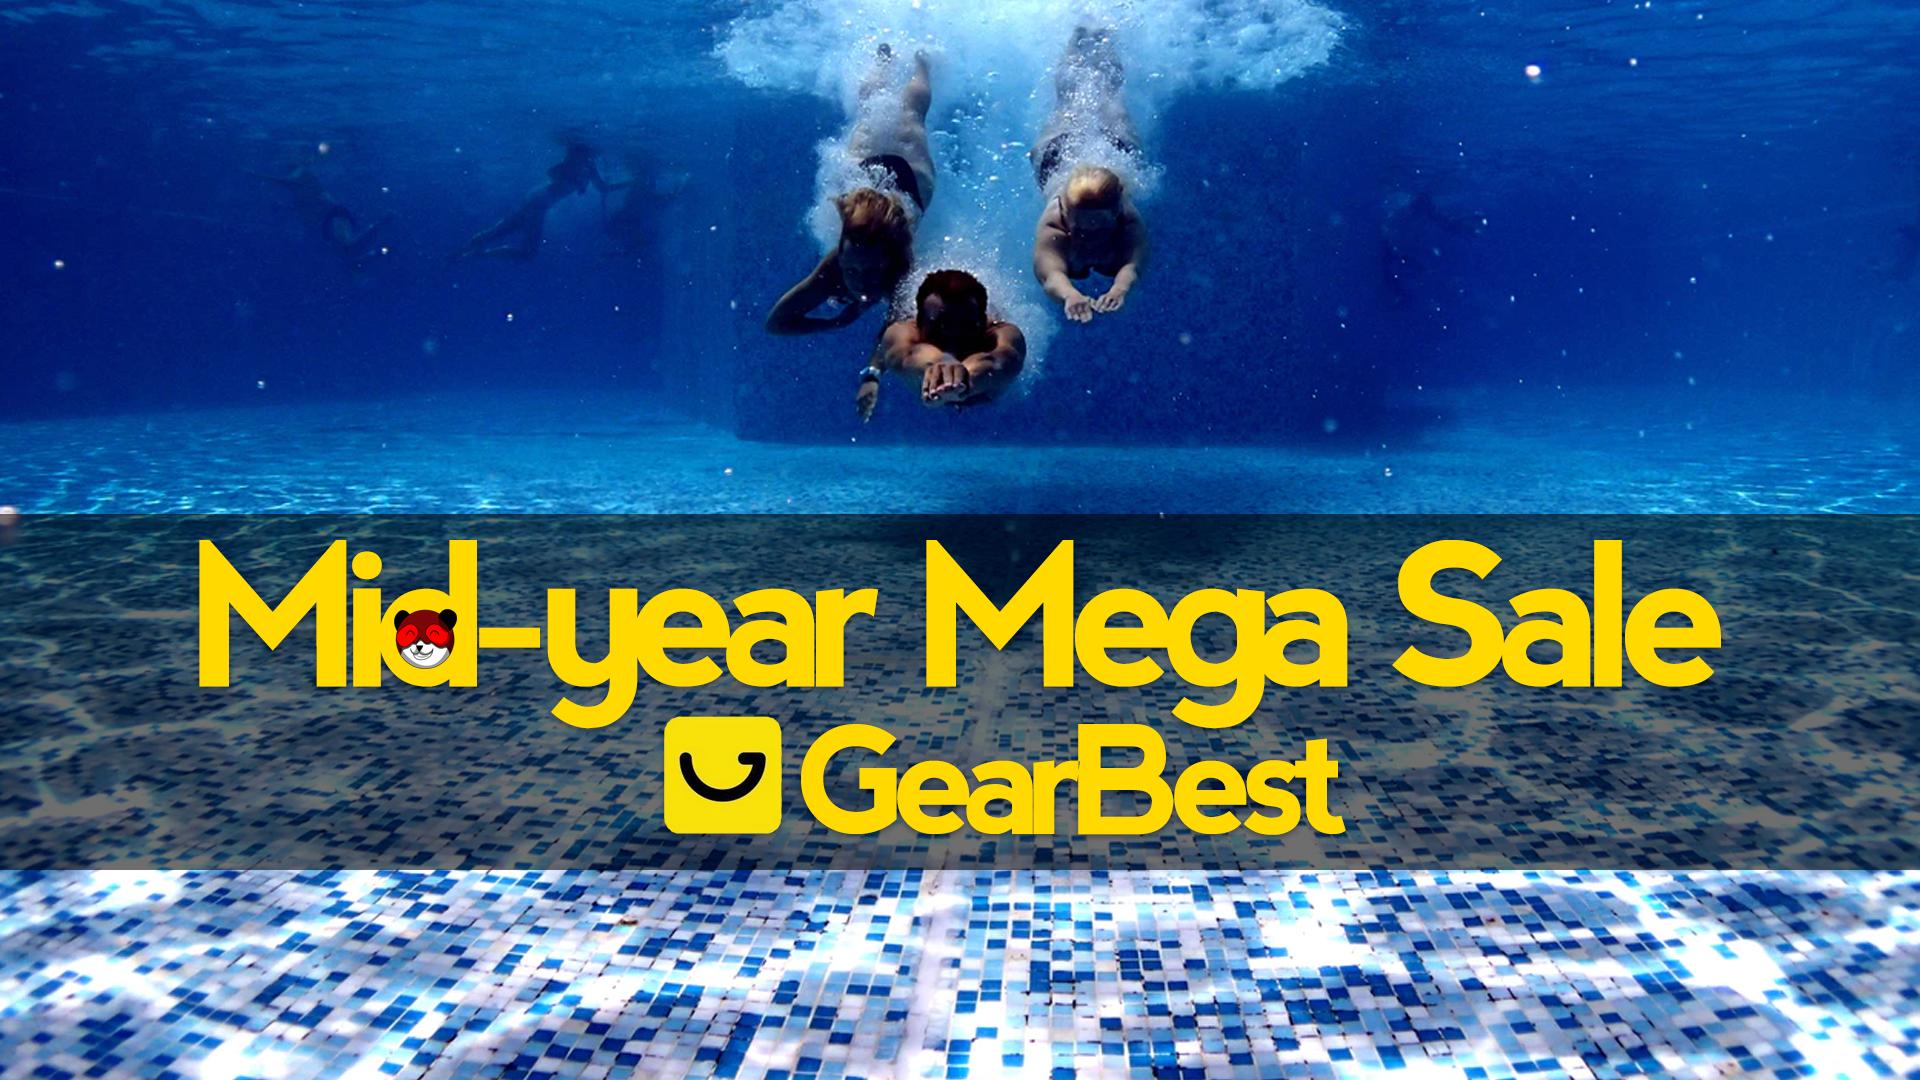 Mid-Year Mega Sale: arrivano le pazze offerte di metà anno di Gearbest!